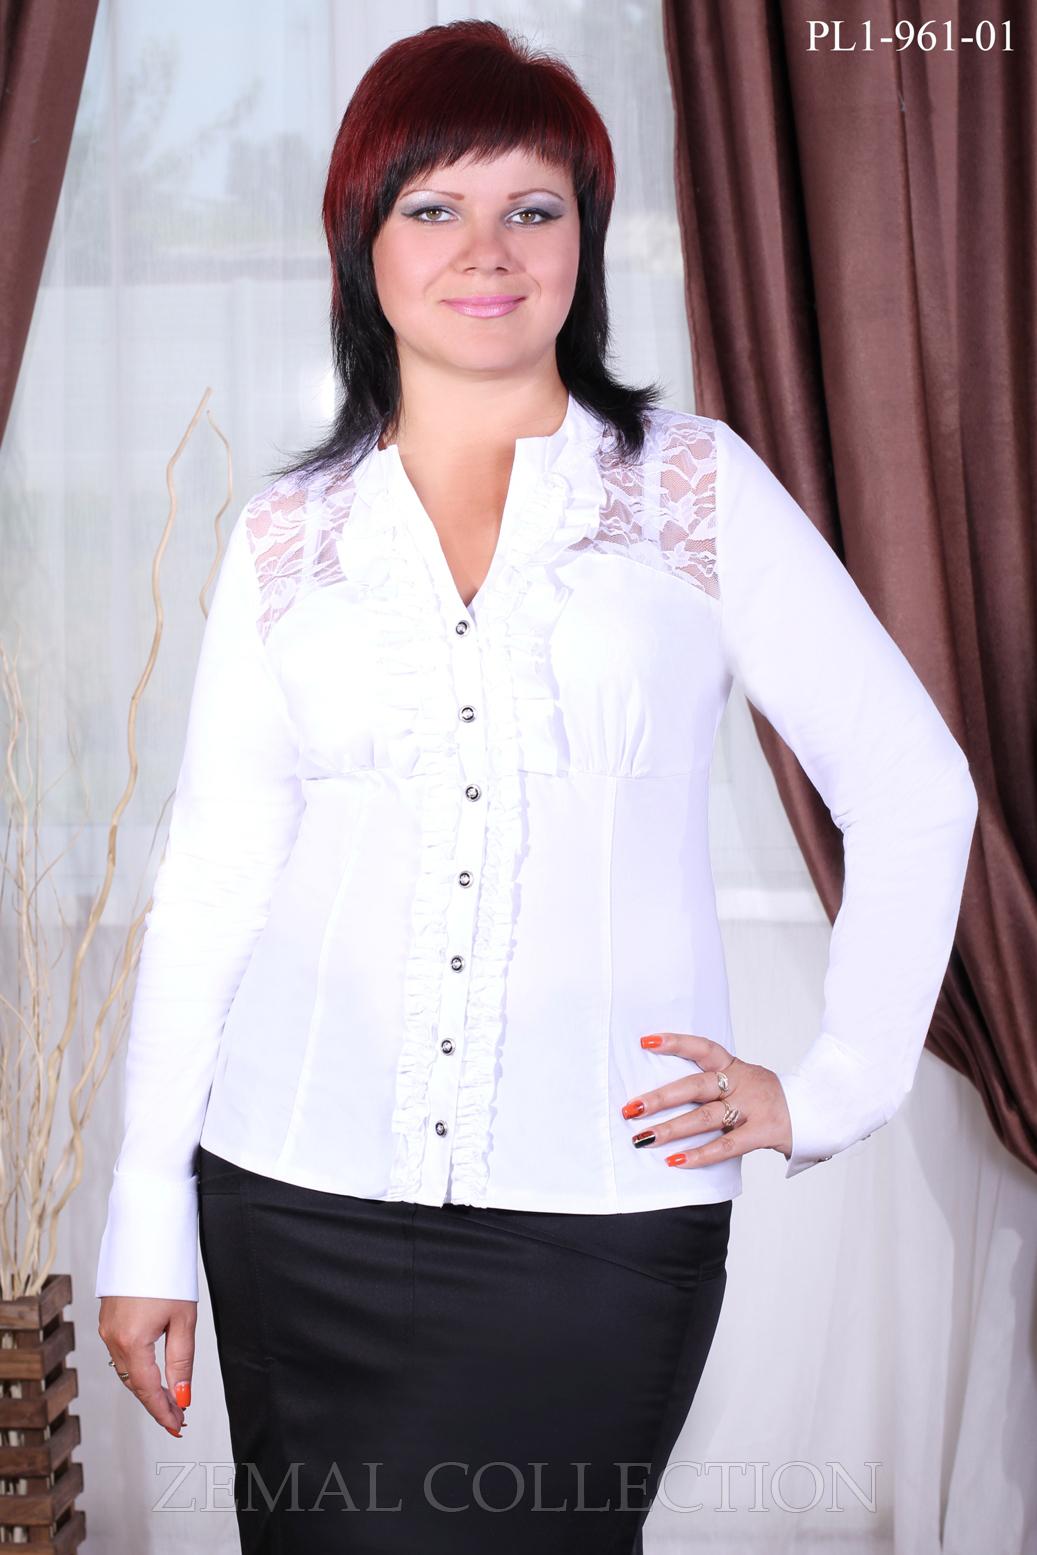 Купить Красивую Блузку Недорого С Доставкой